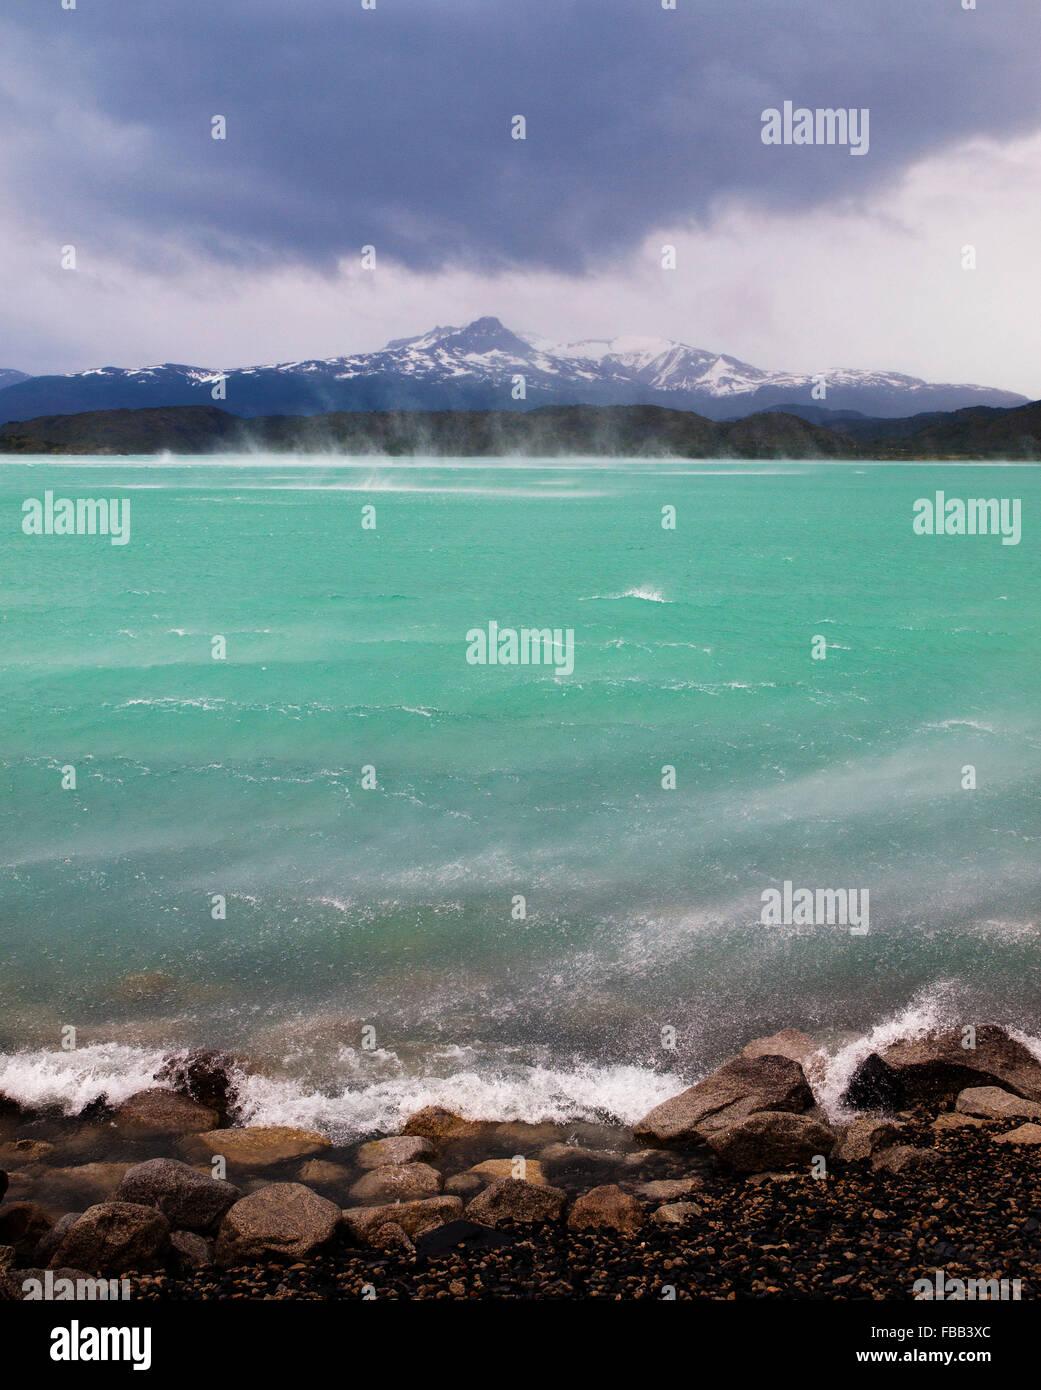 Vento estremo sul lago, Torres del Paine, Patagonia Immagini Stock